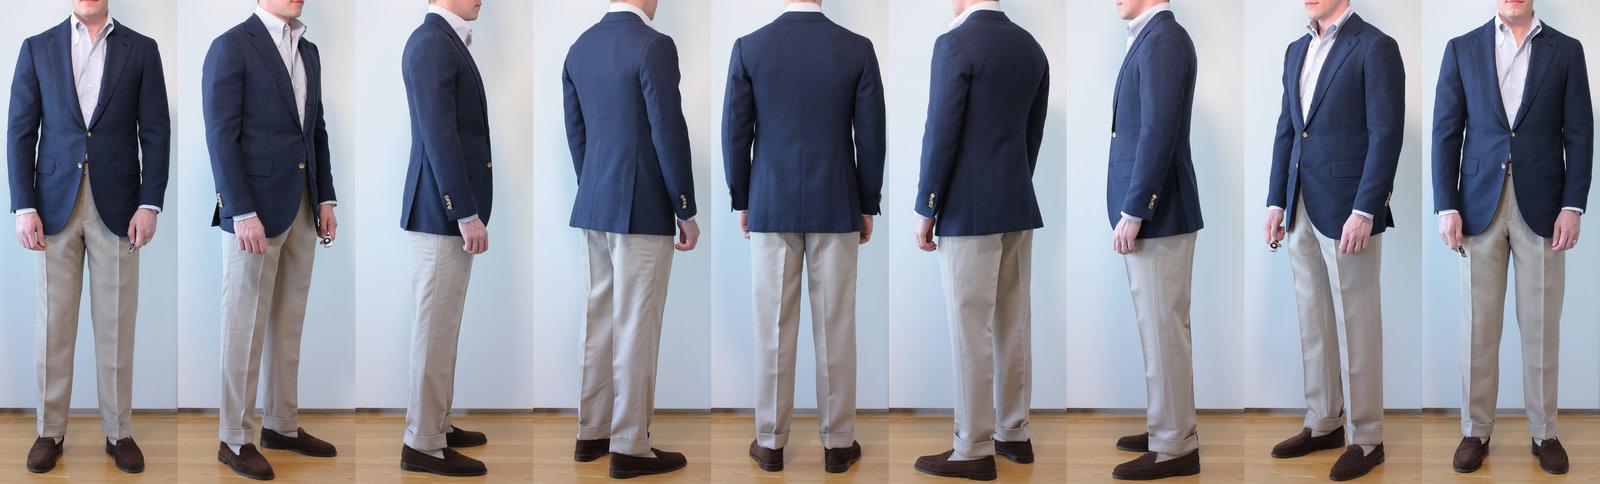 jacketBlueCropped.jpg